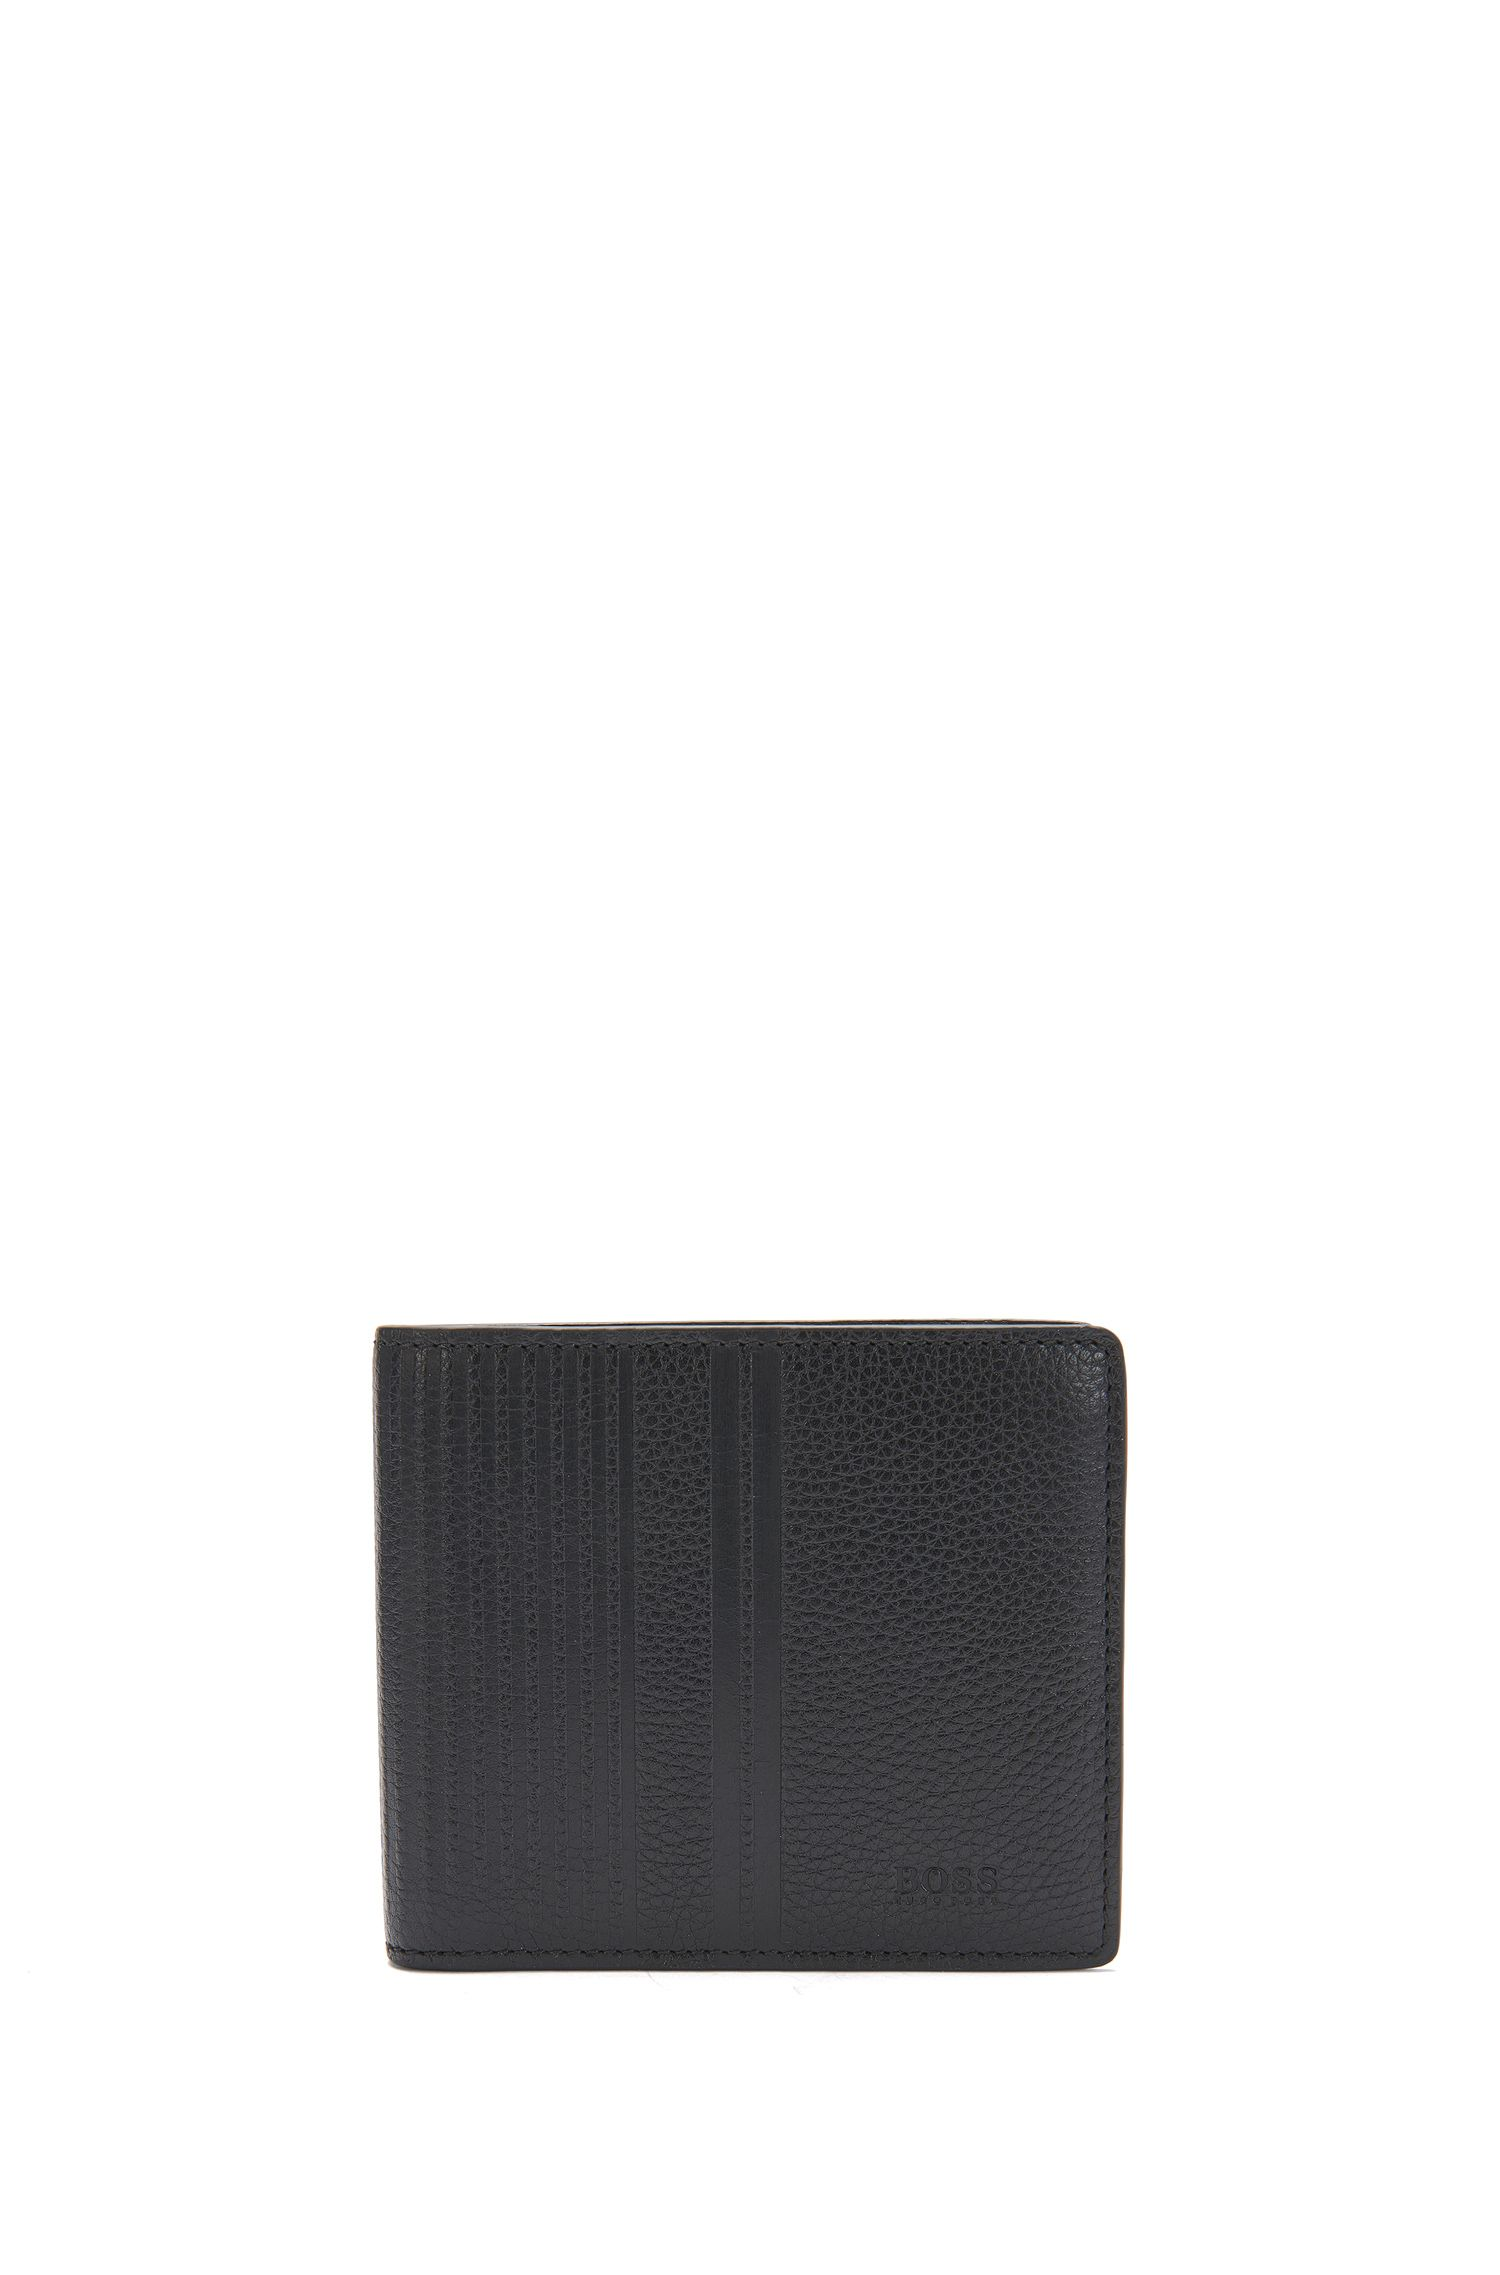 Geldbörse und Kartenetui aus strukturiertem Leder: 'GbB17SR_8 cc S card'